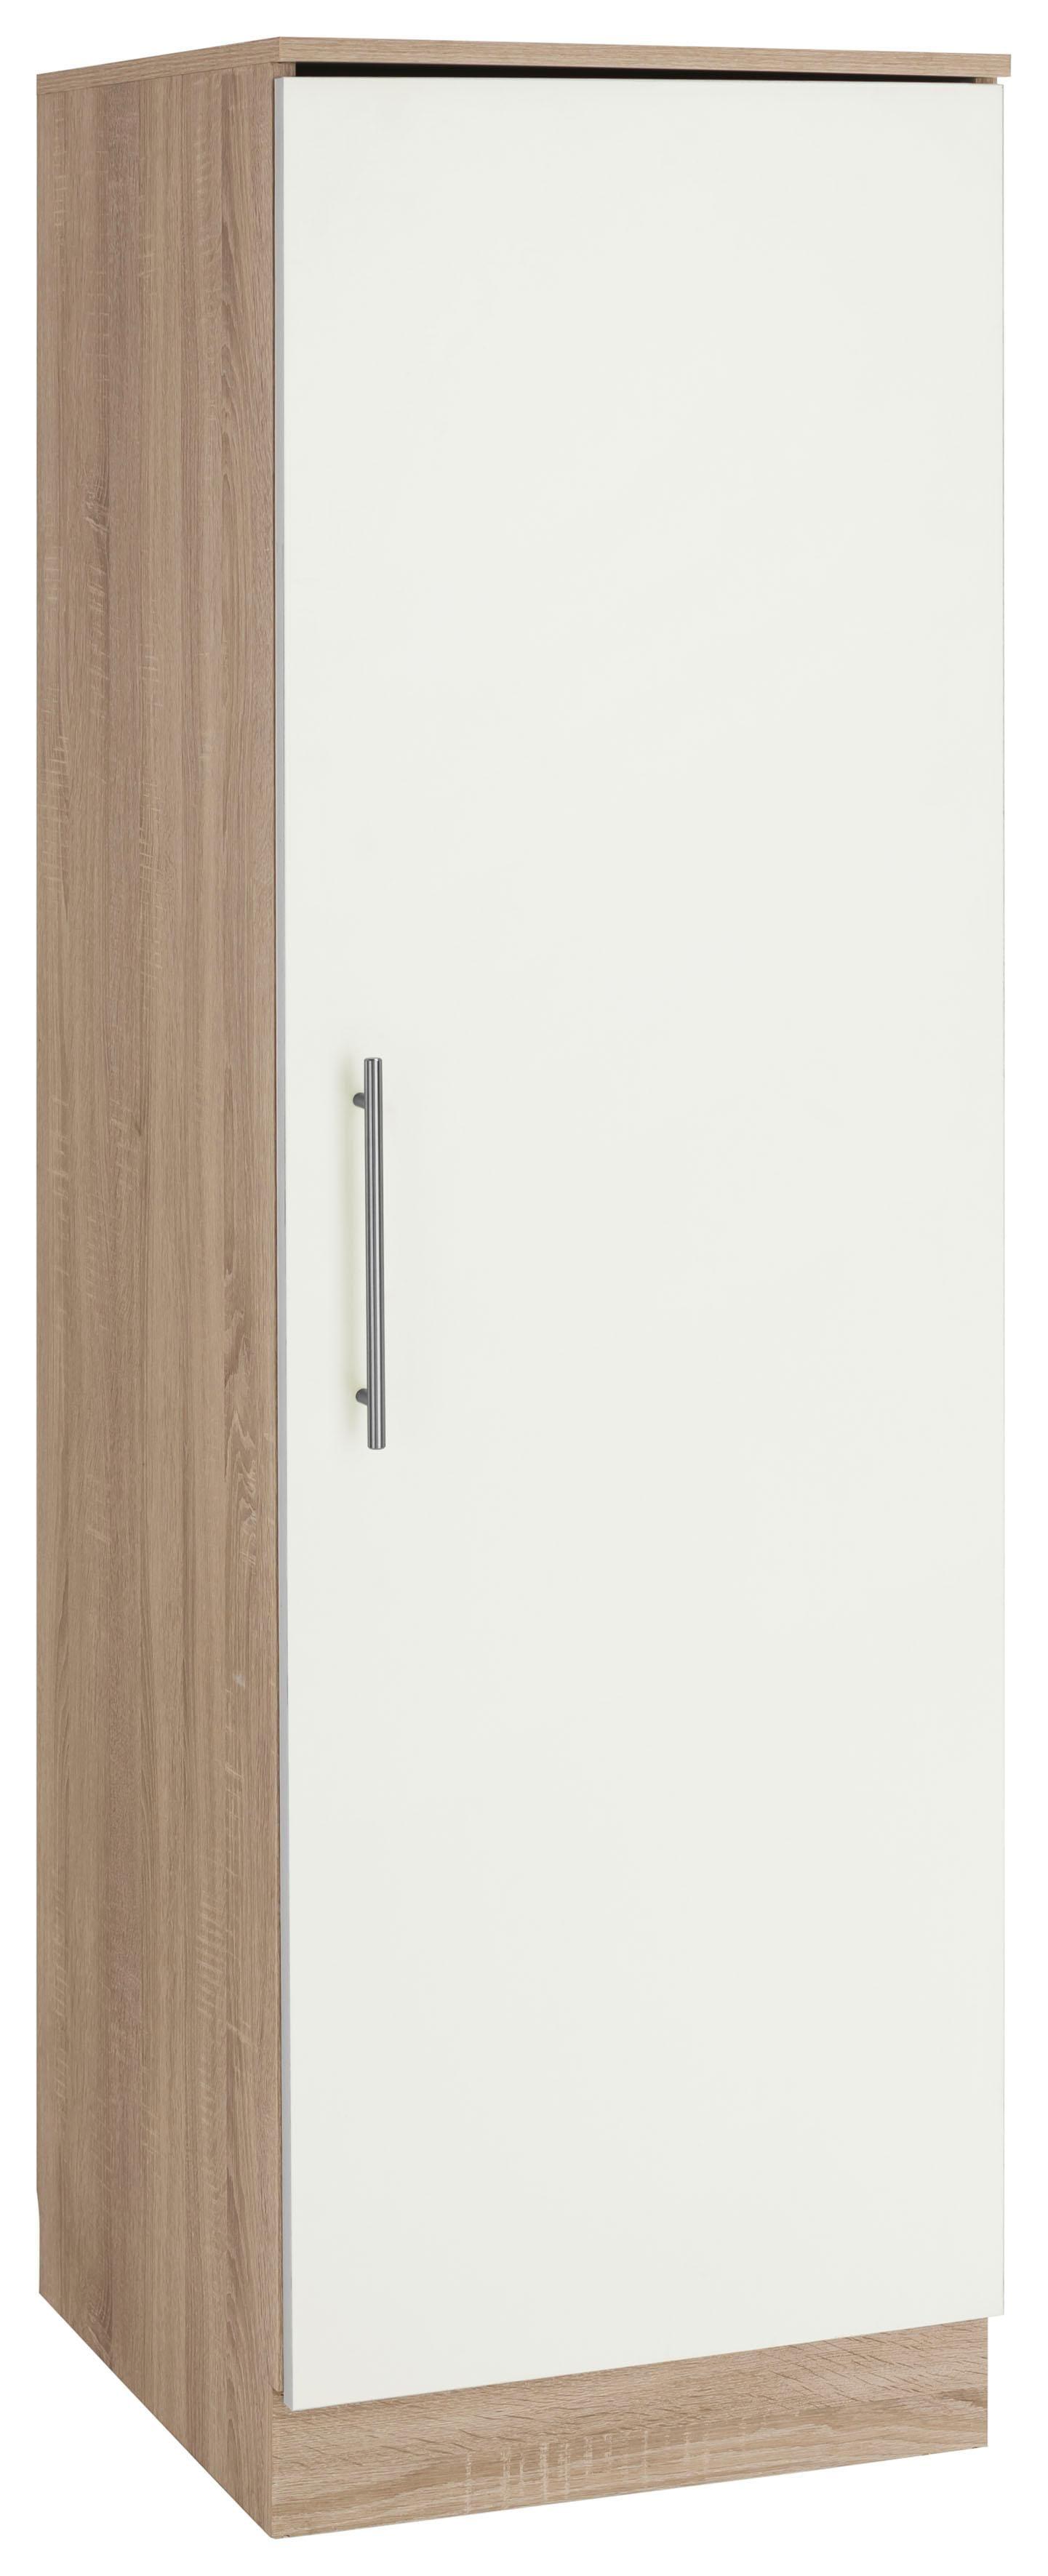 wiho Küchen Seitenschrank »Aachen«, Breite 50 cm günstig online kaufen